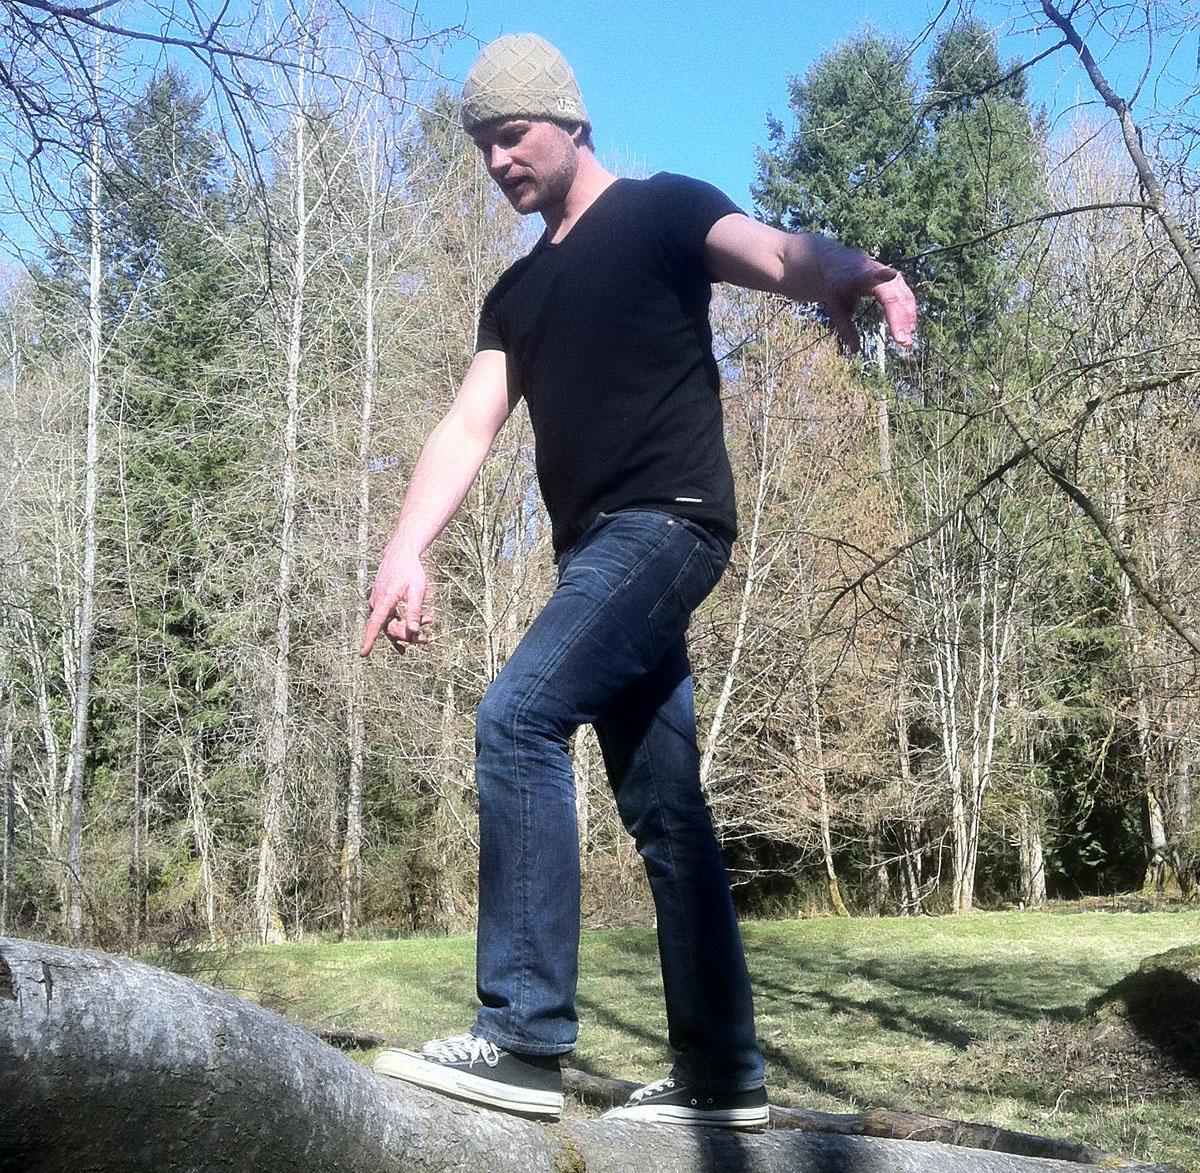 erik log walking up high